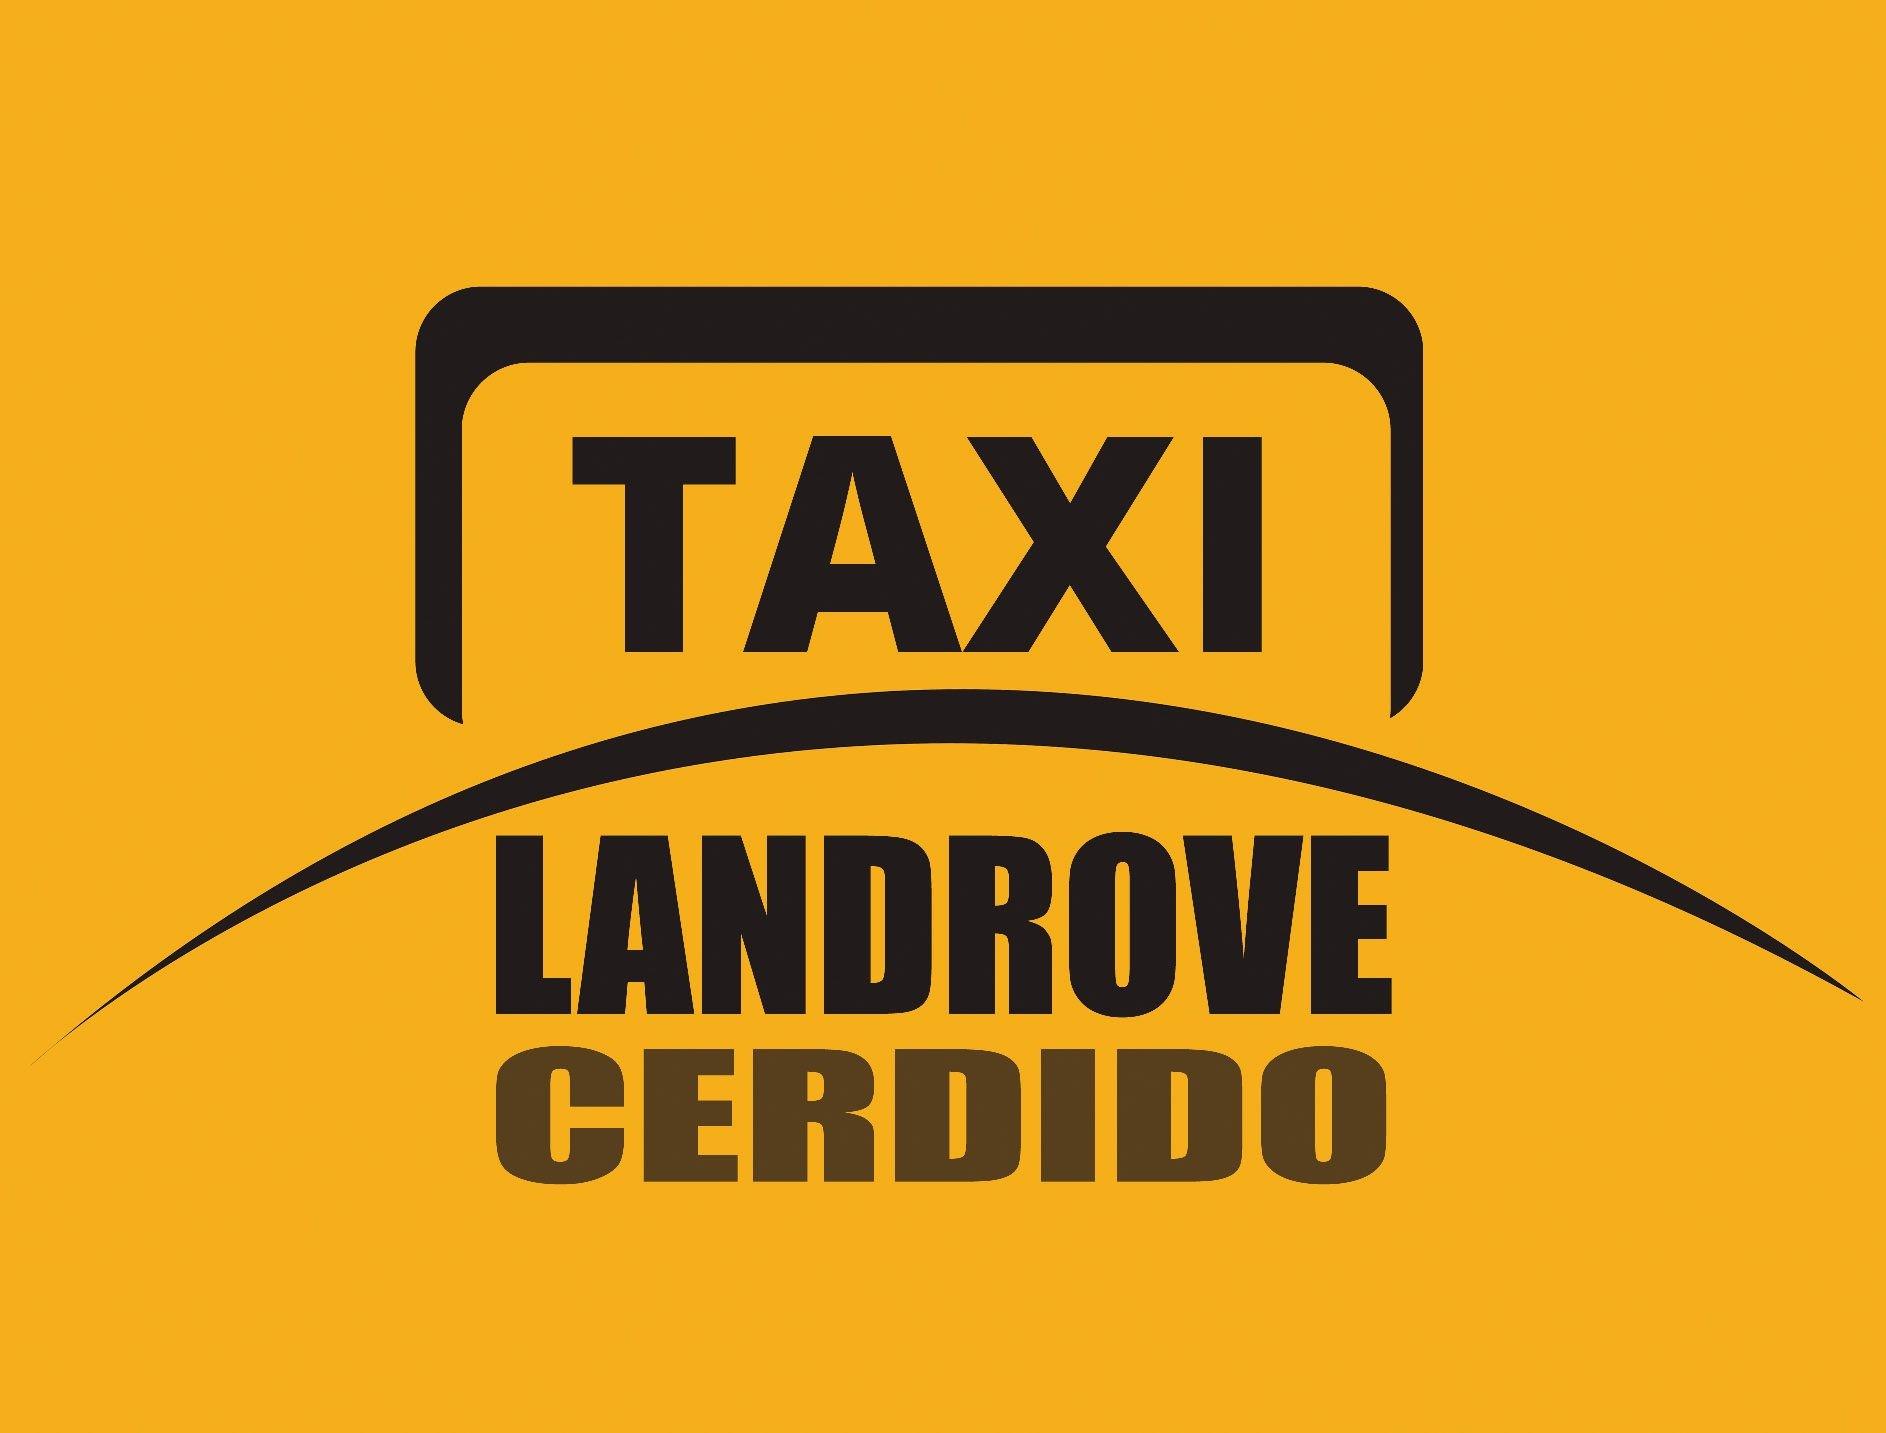 Taxi Landrove Cerdido